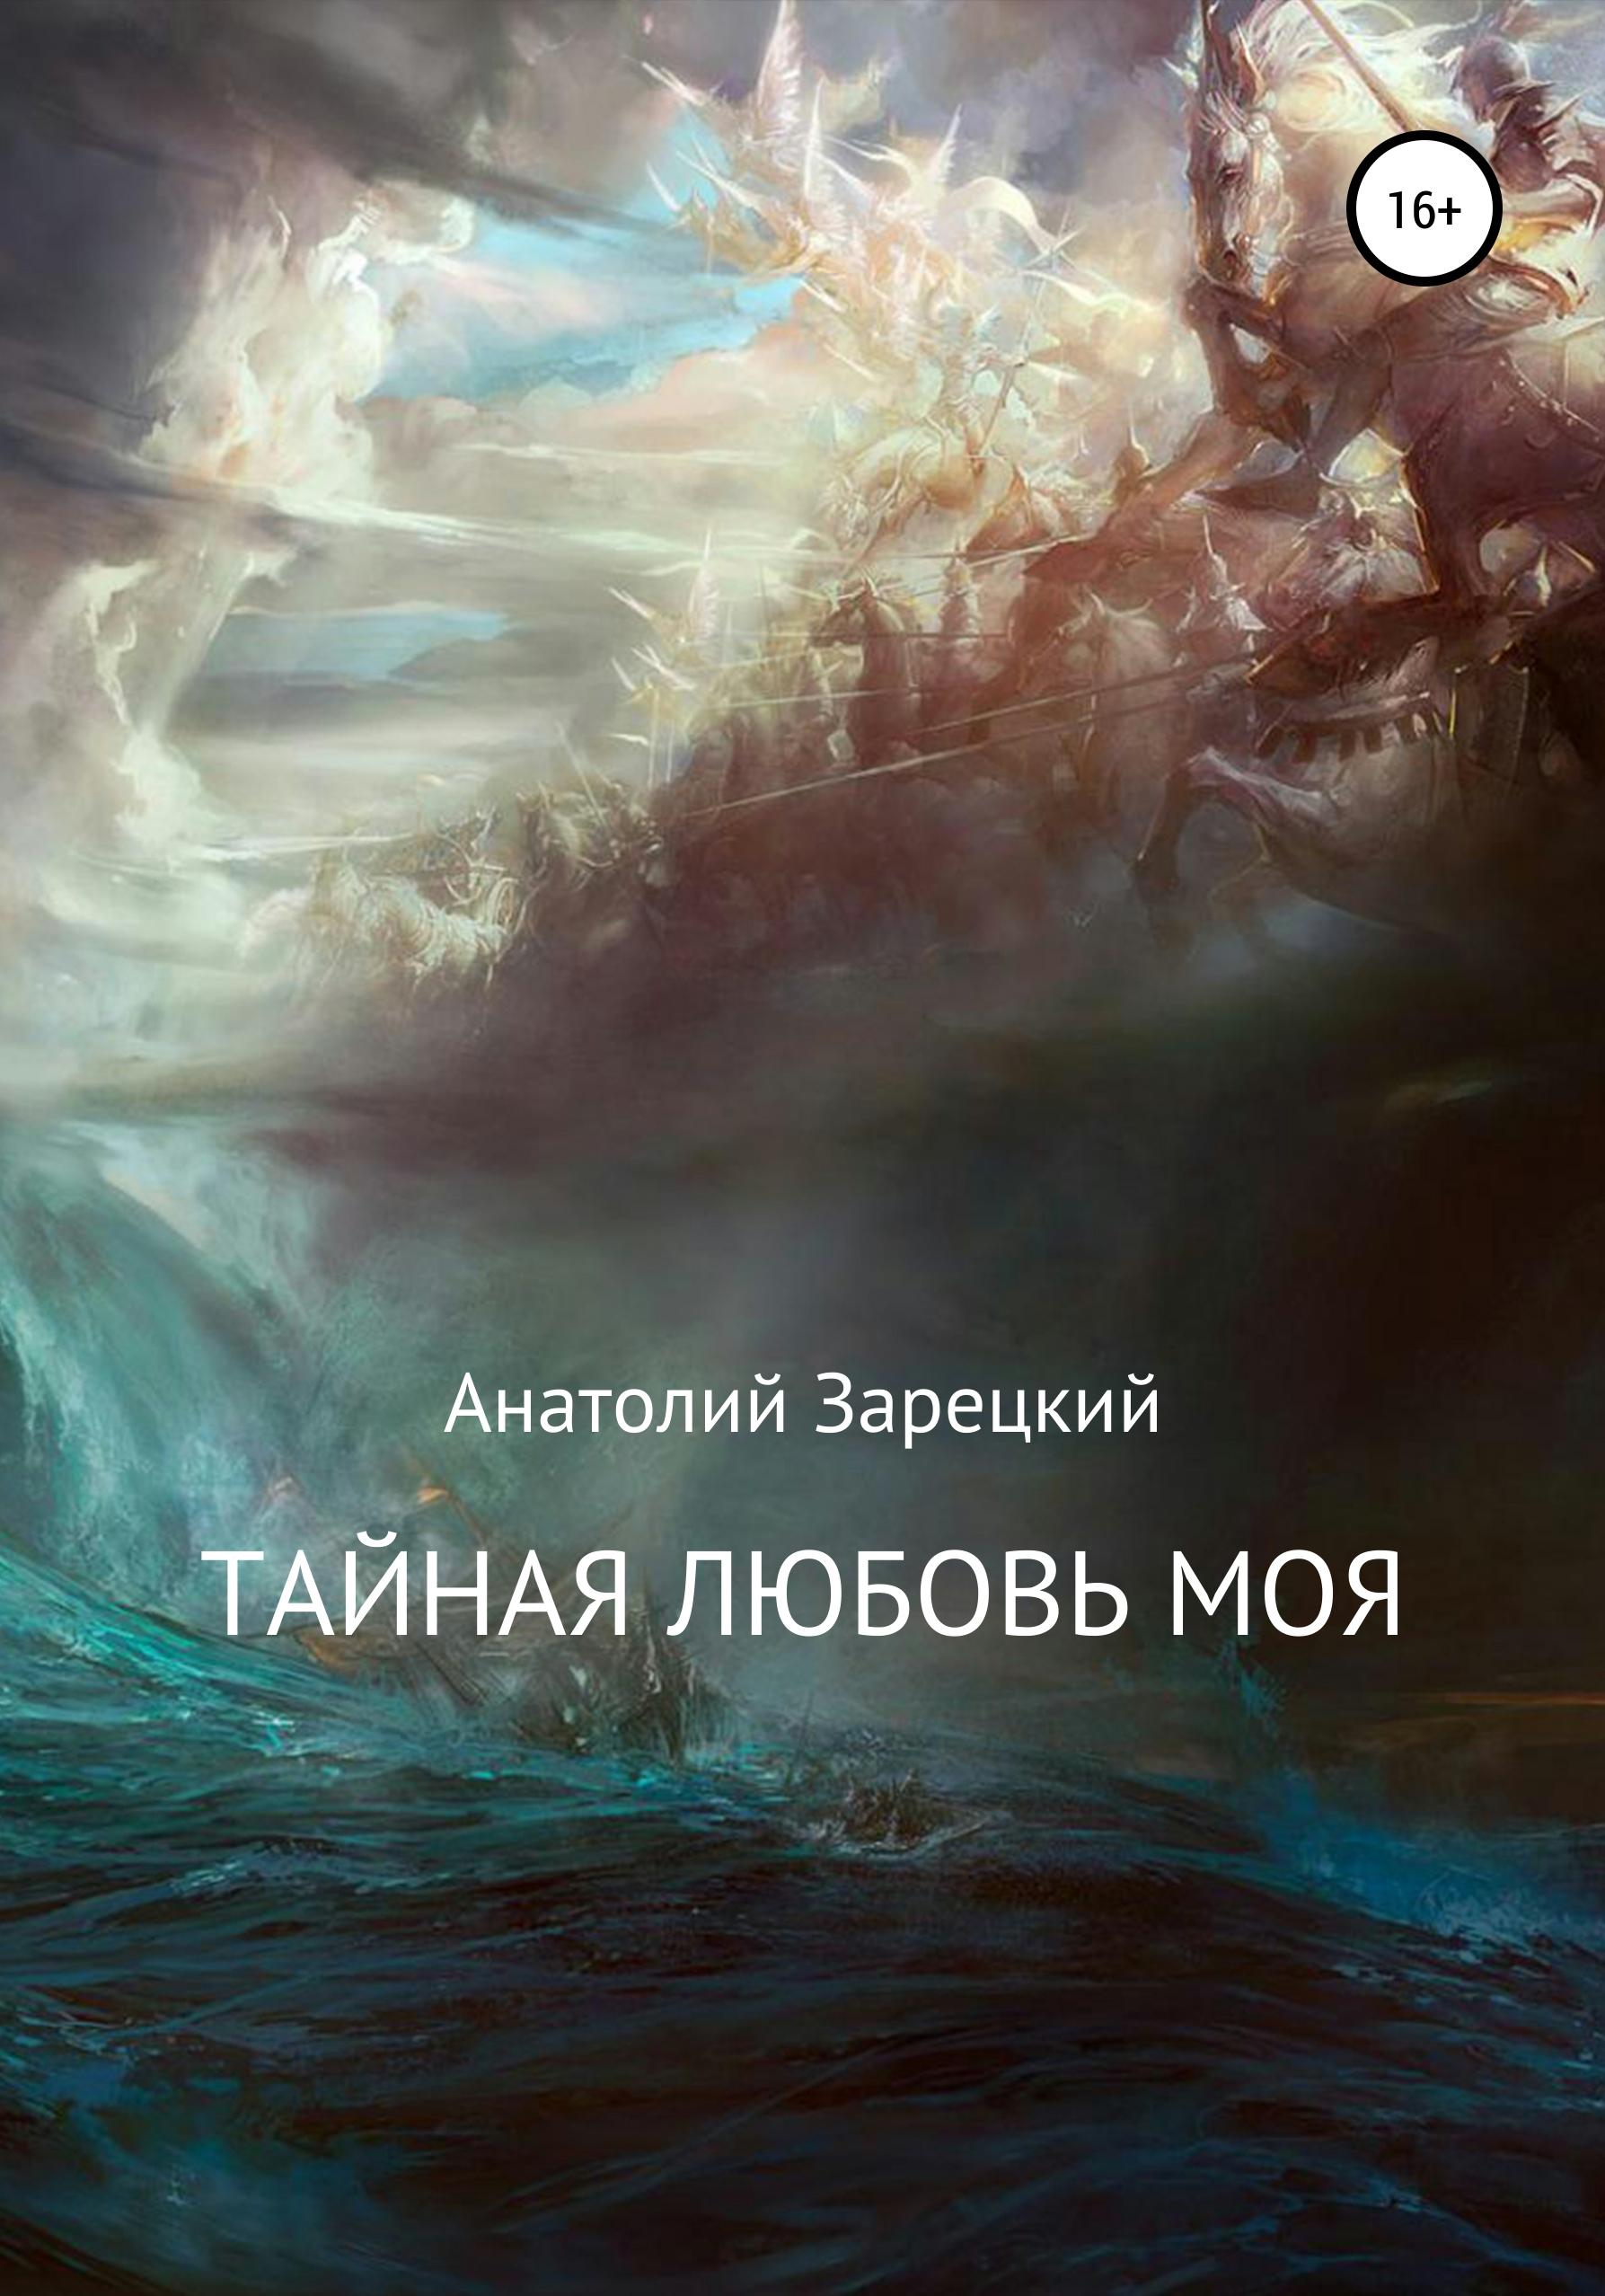 Анатолий Зарецкий Тайная любовь моя смирнова лидия николаевна моя любовь